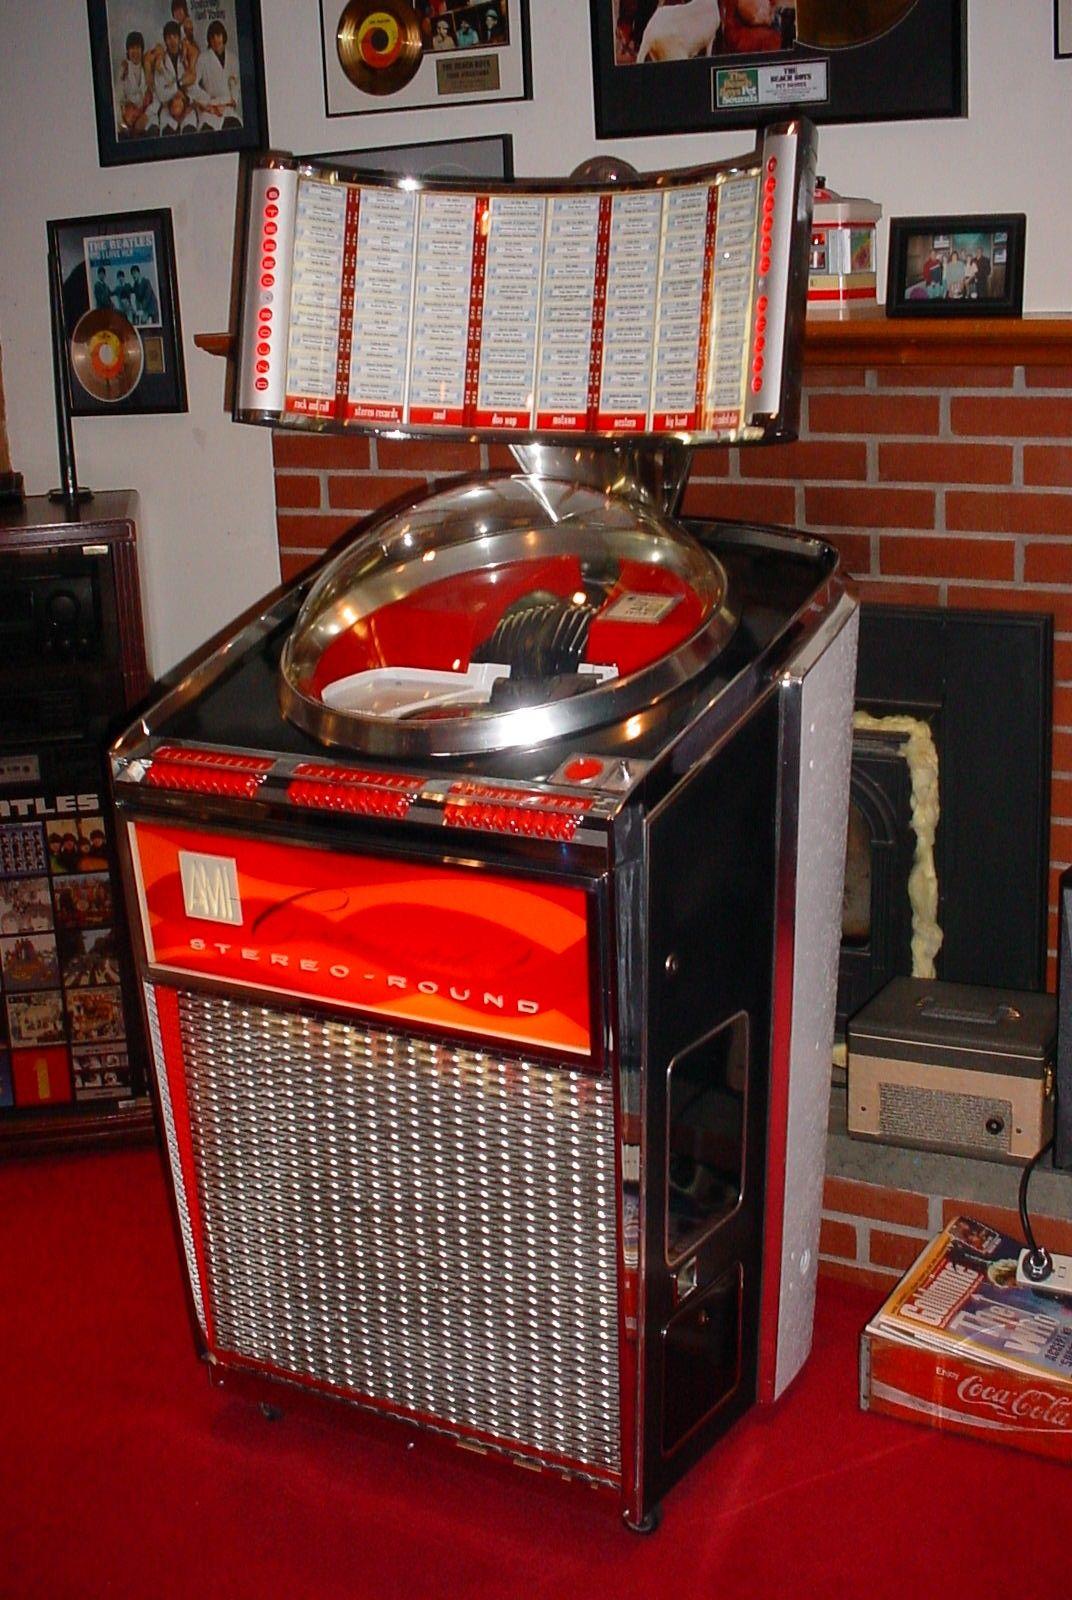 カードローンスマホで借りる/スマホ申込   Jukebox, Jukeboxes, Vintage radio